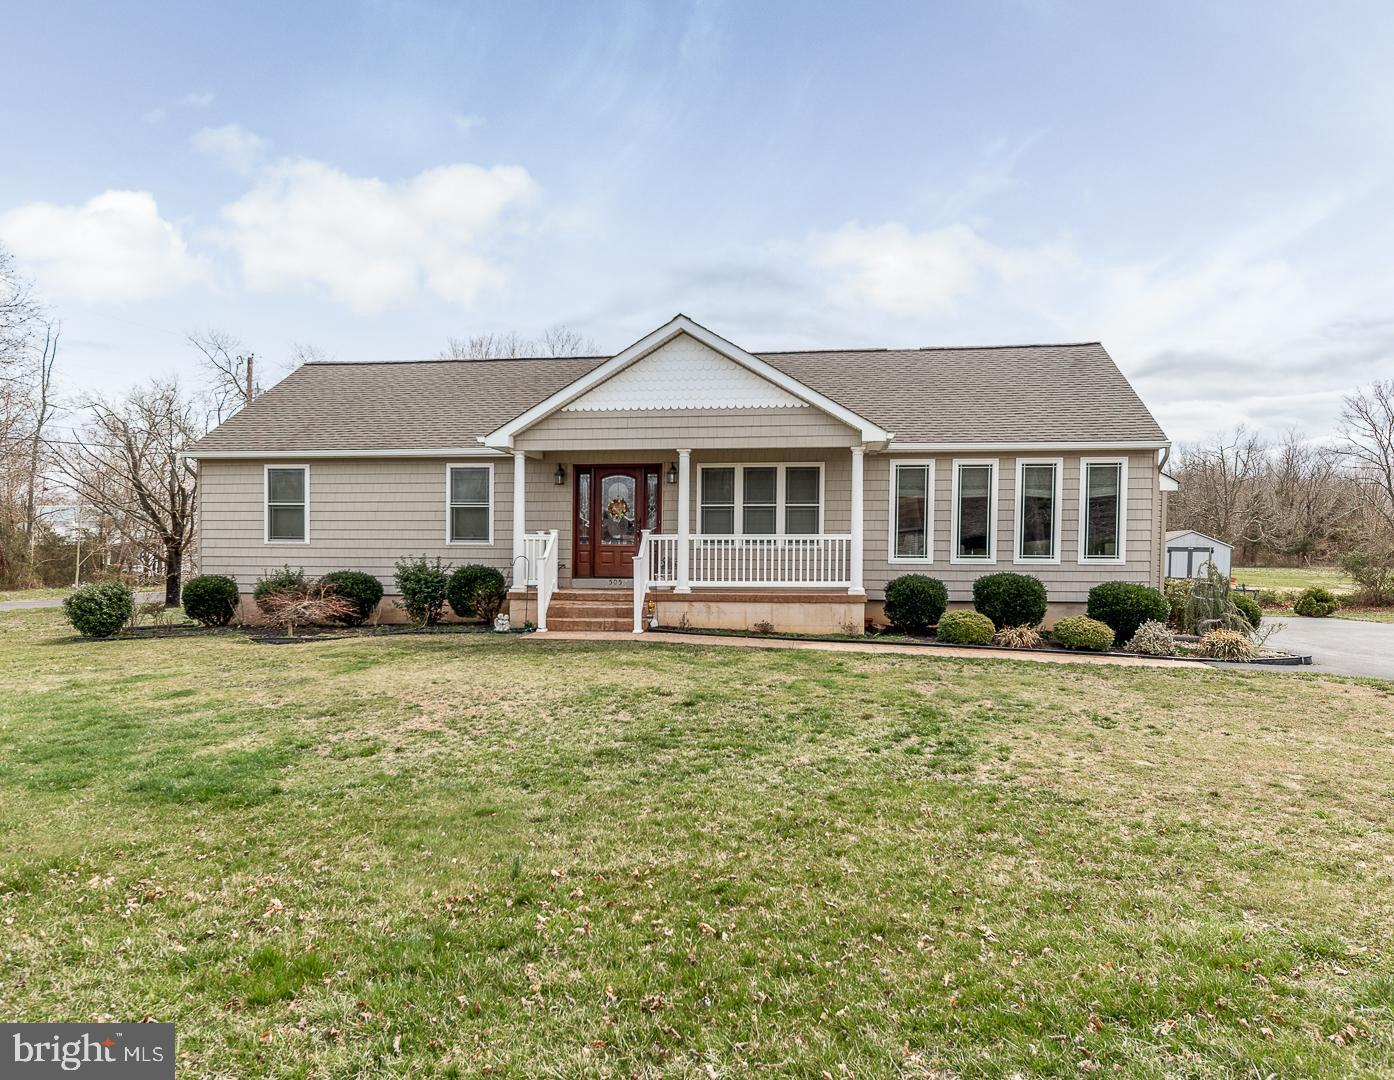 Частный односемейный дом для того Продажа на 505 E FLOWER Street Landisville, Нью-Джерси 08326 Соединенные Штаты